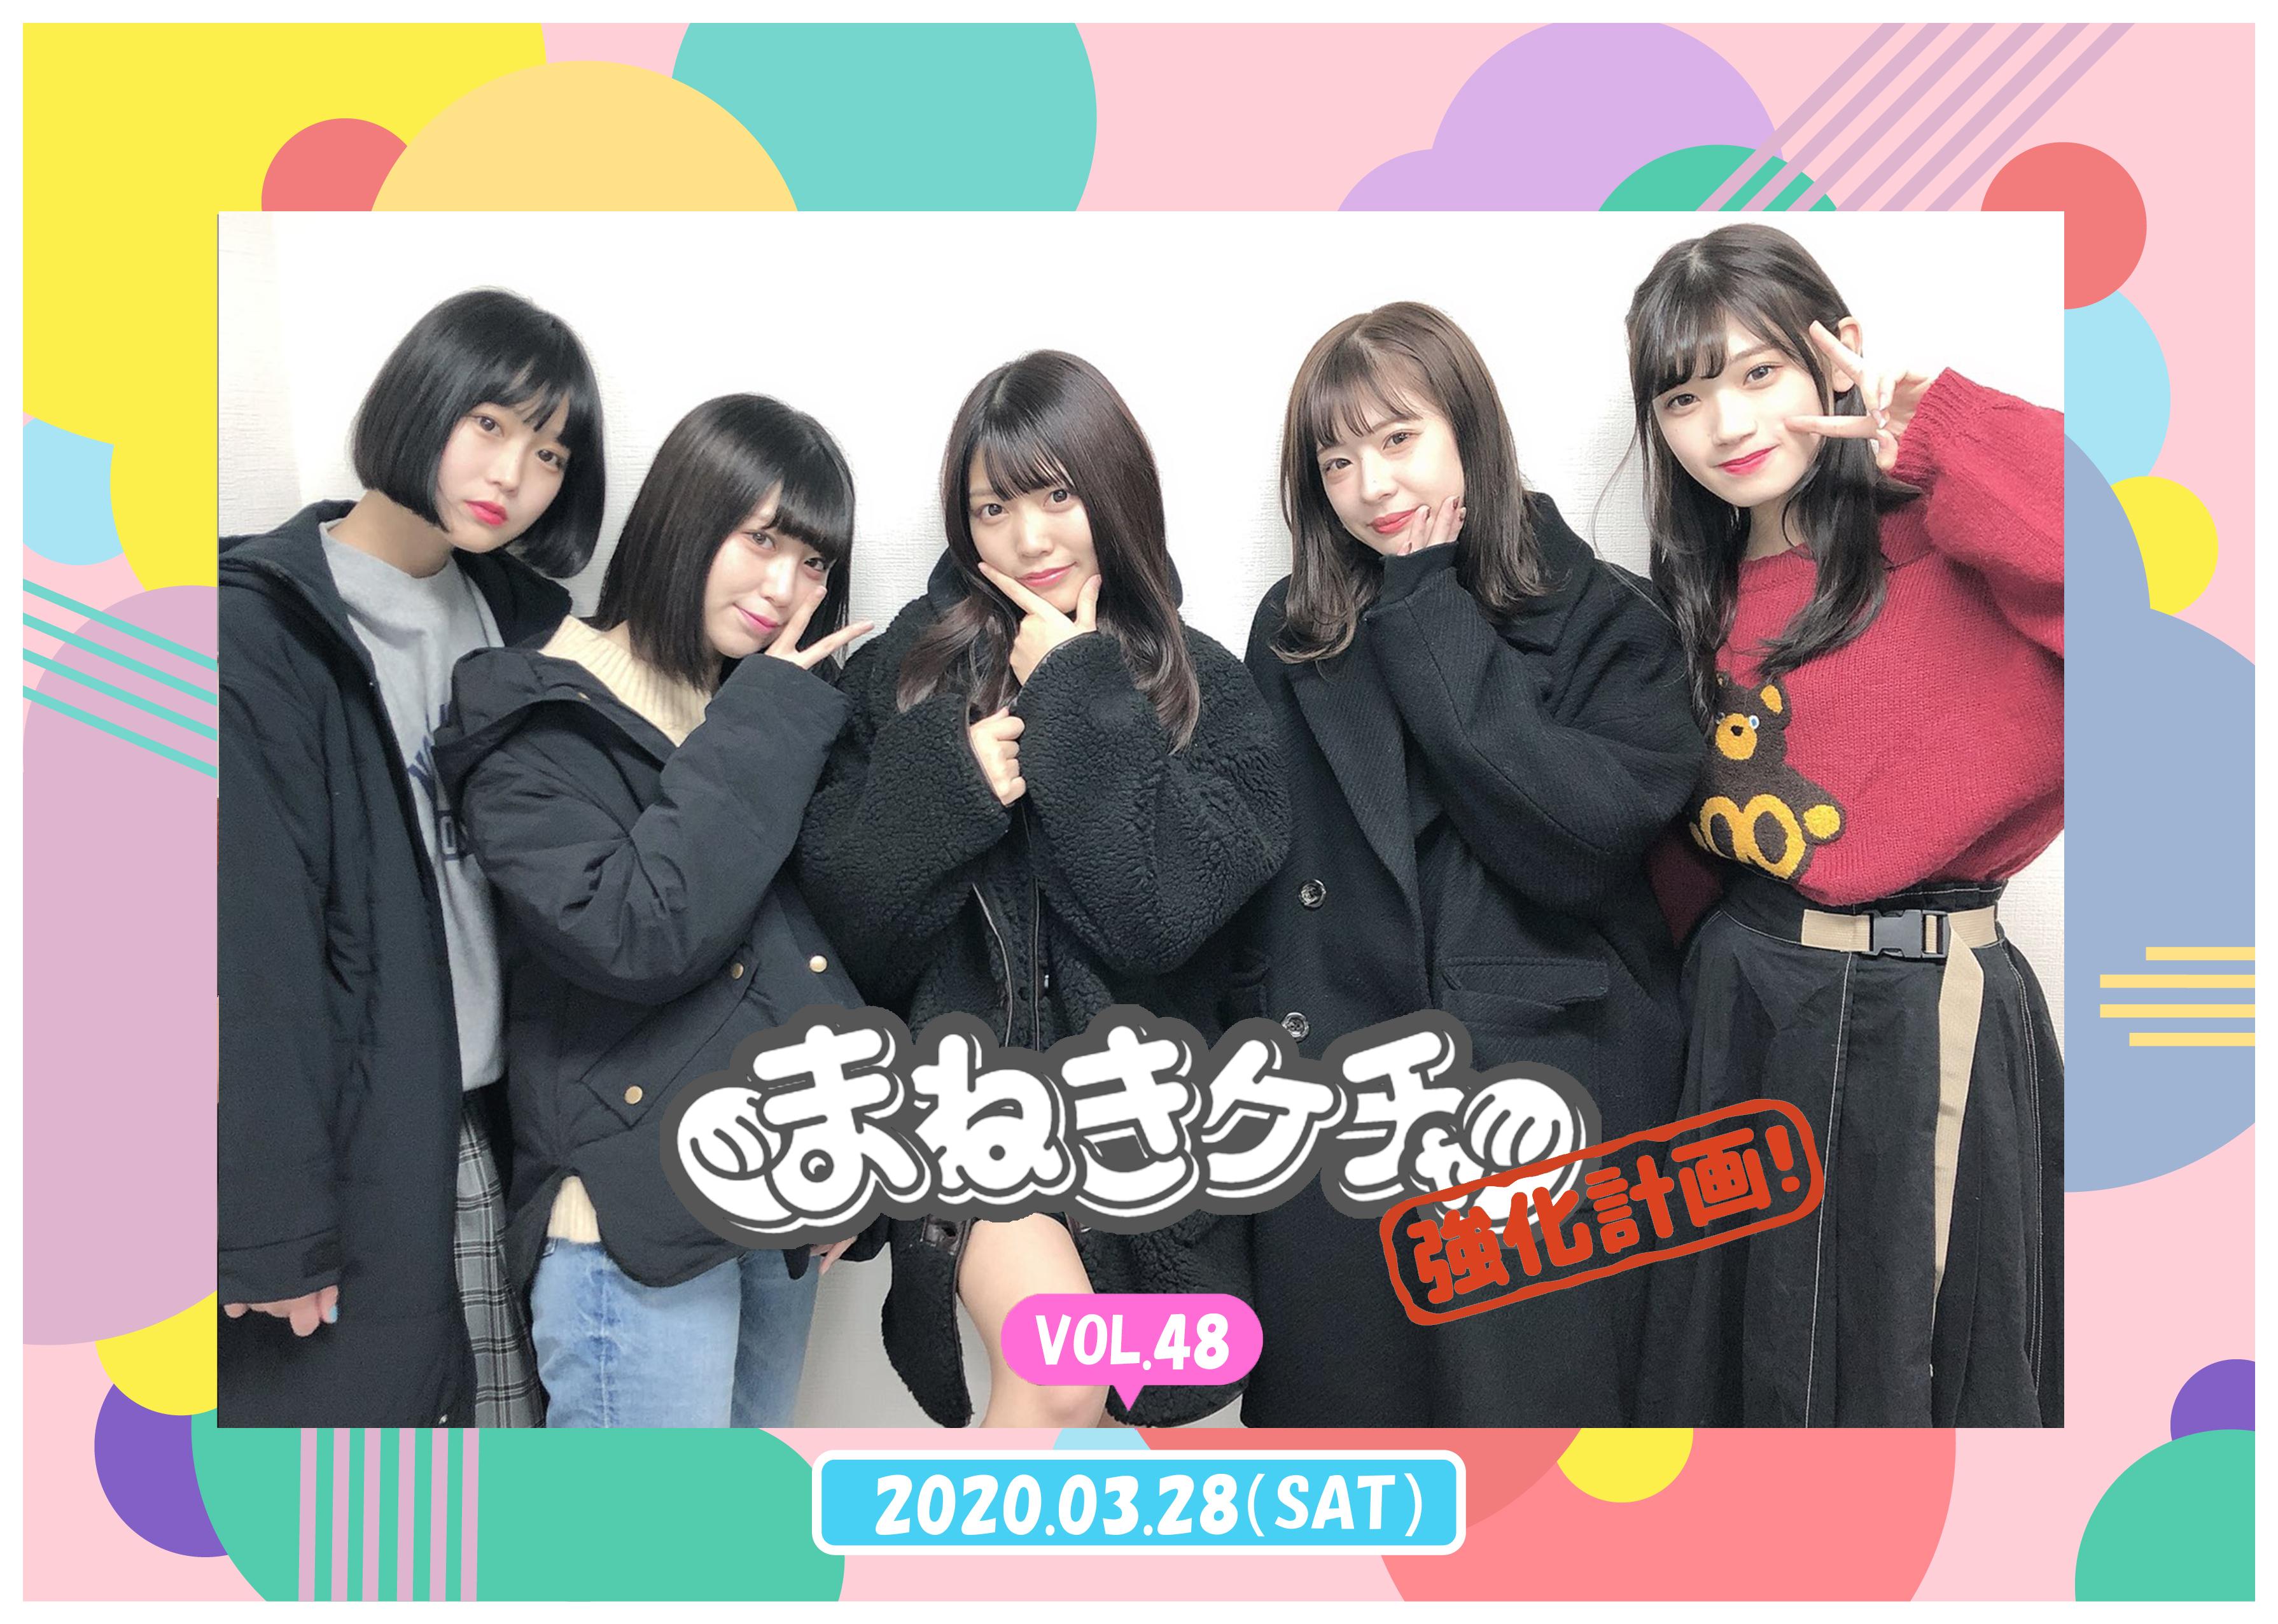 3月28日(土) 『まねきケチャ強化計画 vol.48』